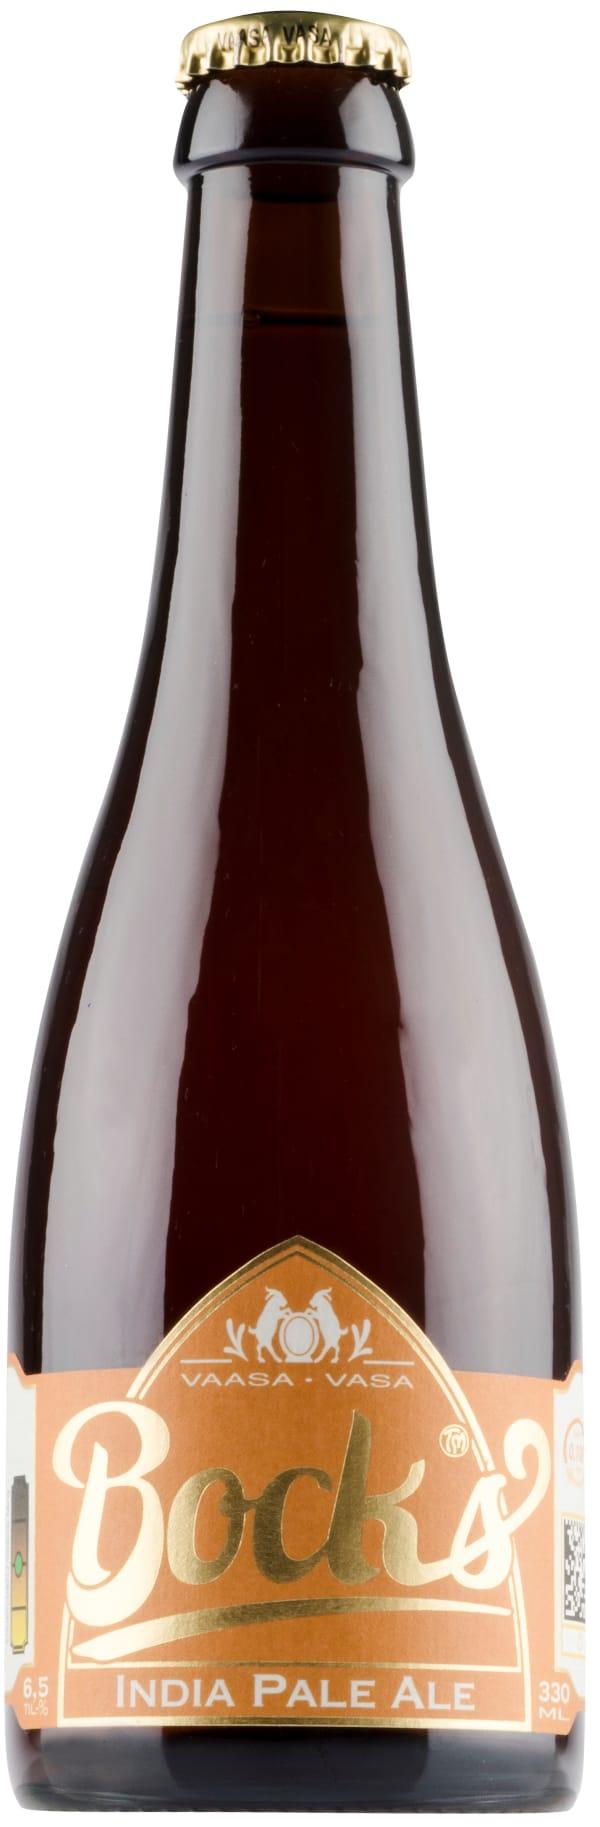 Bock's India Pale Ale